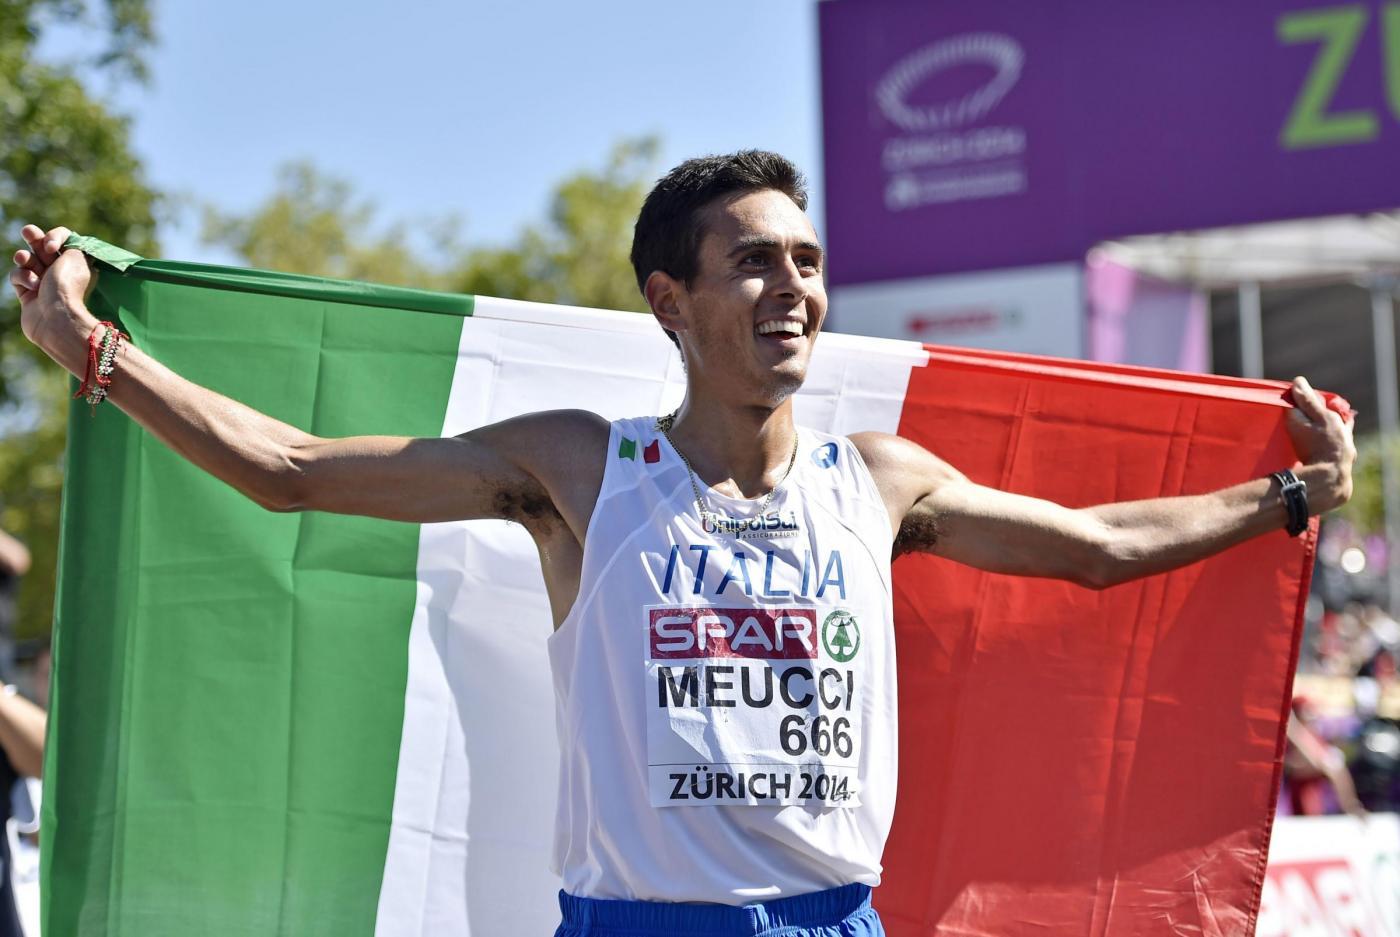 Europei Atletica 2014: Daniele Meucci oro nella maratona